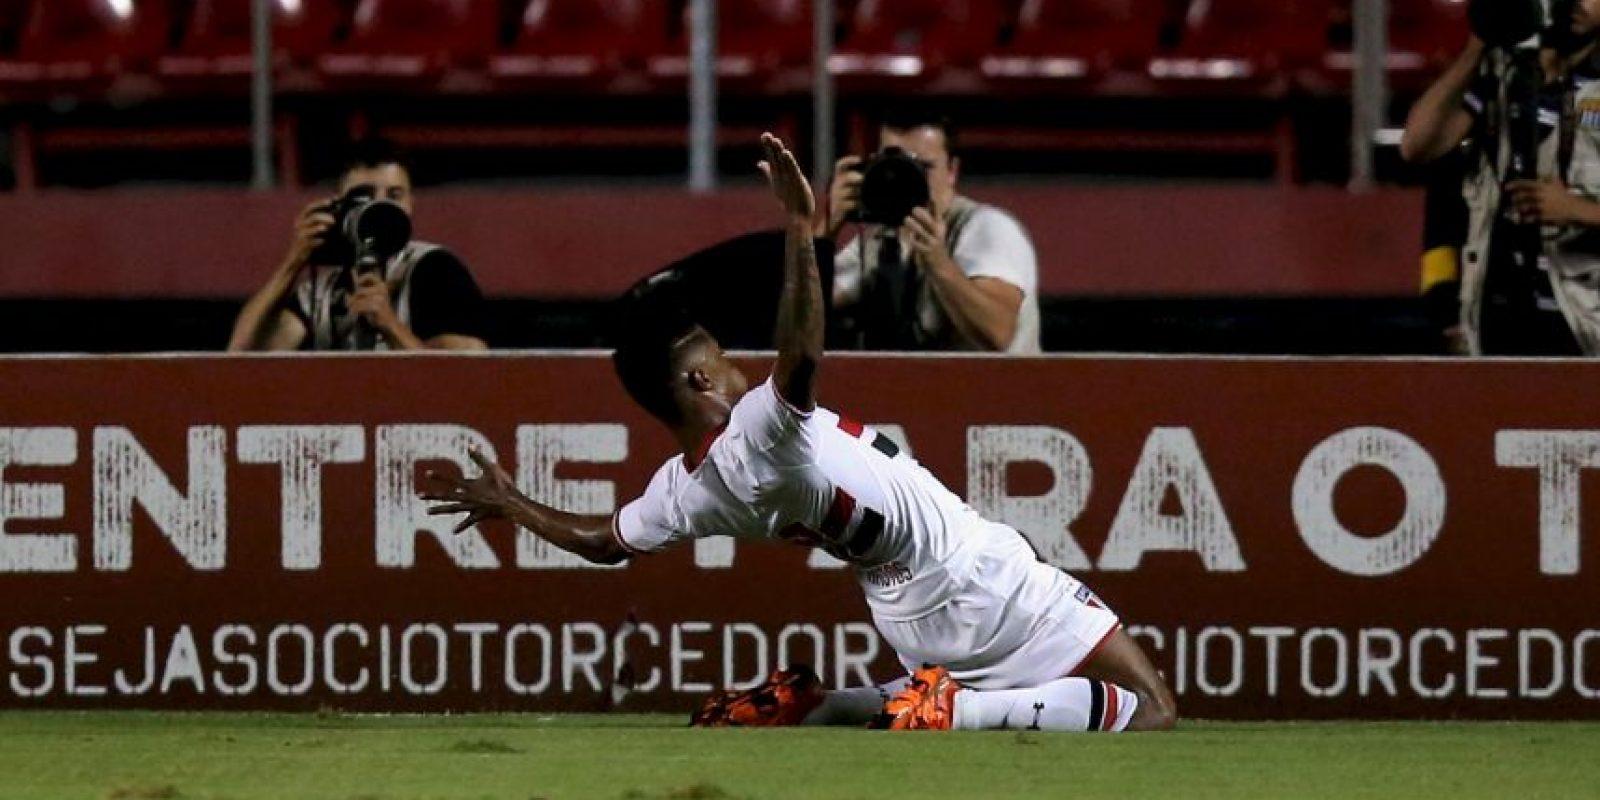 Aunque no ganan la Libertadores desde 2005, el combinado paulista espera conseguir su cuarta Copa Libertadores Foto:Getty Images